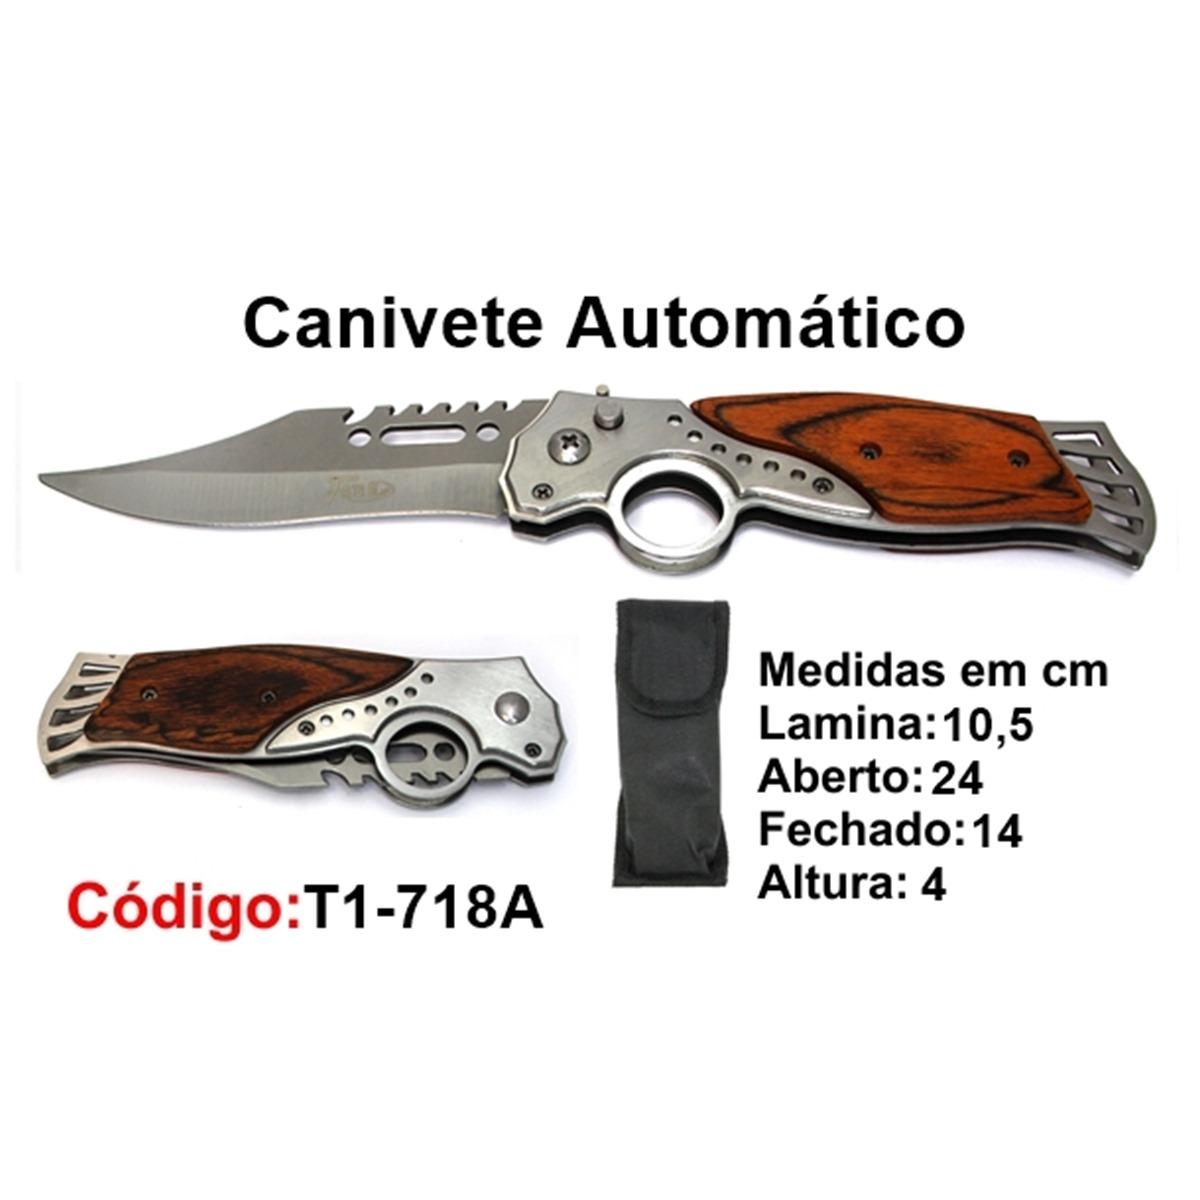 Canivete Esportivo Automático Caça Pesca Etc. T1-718A